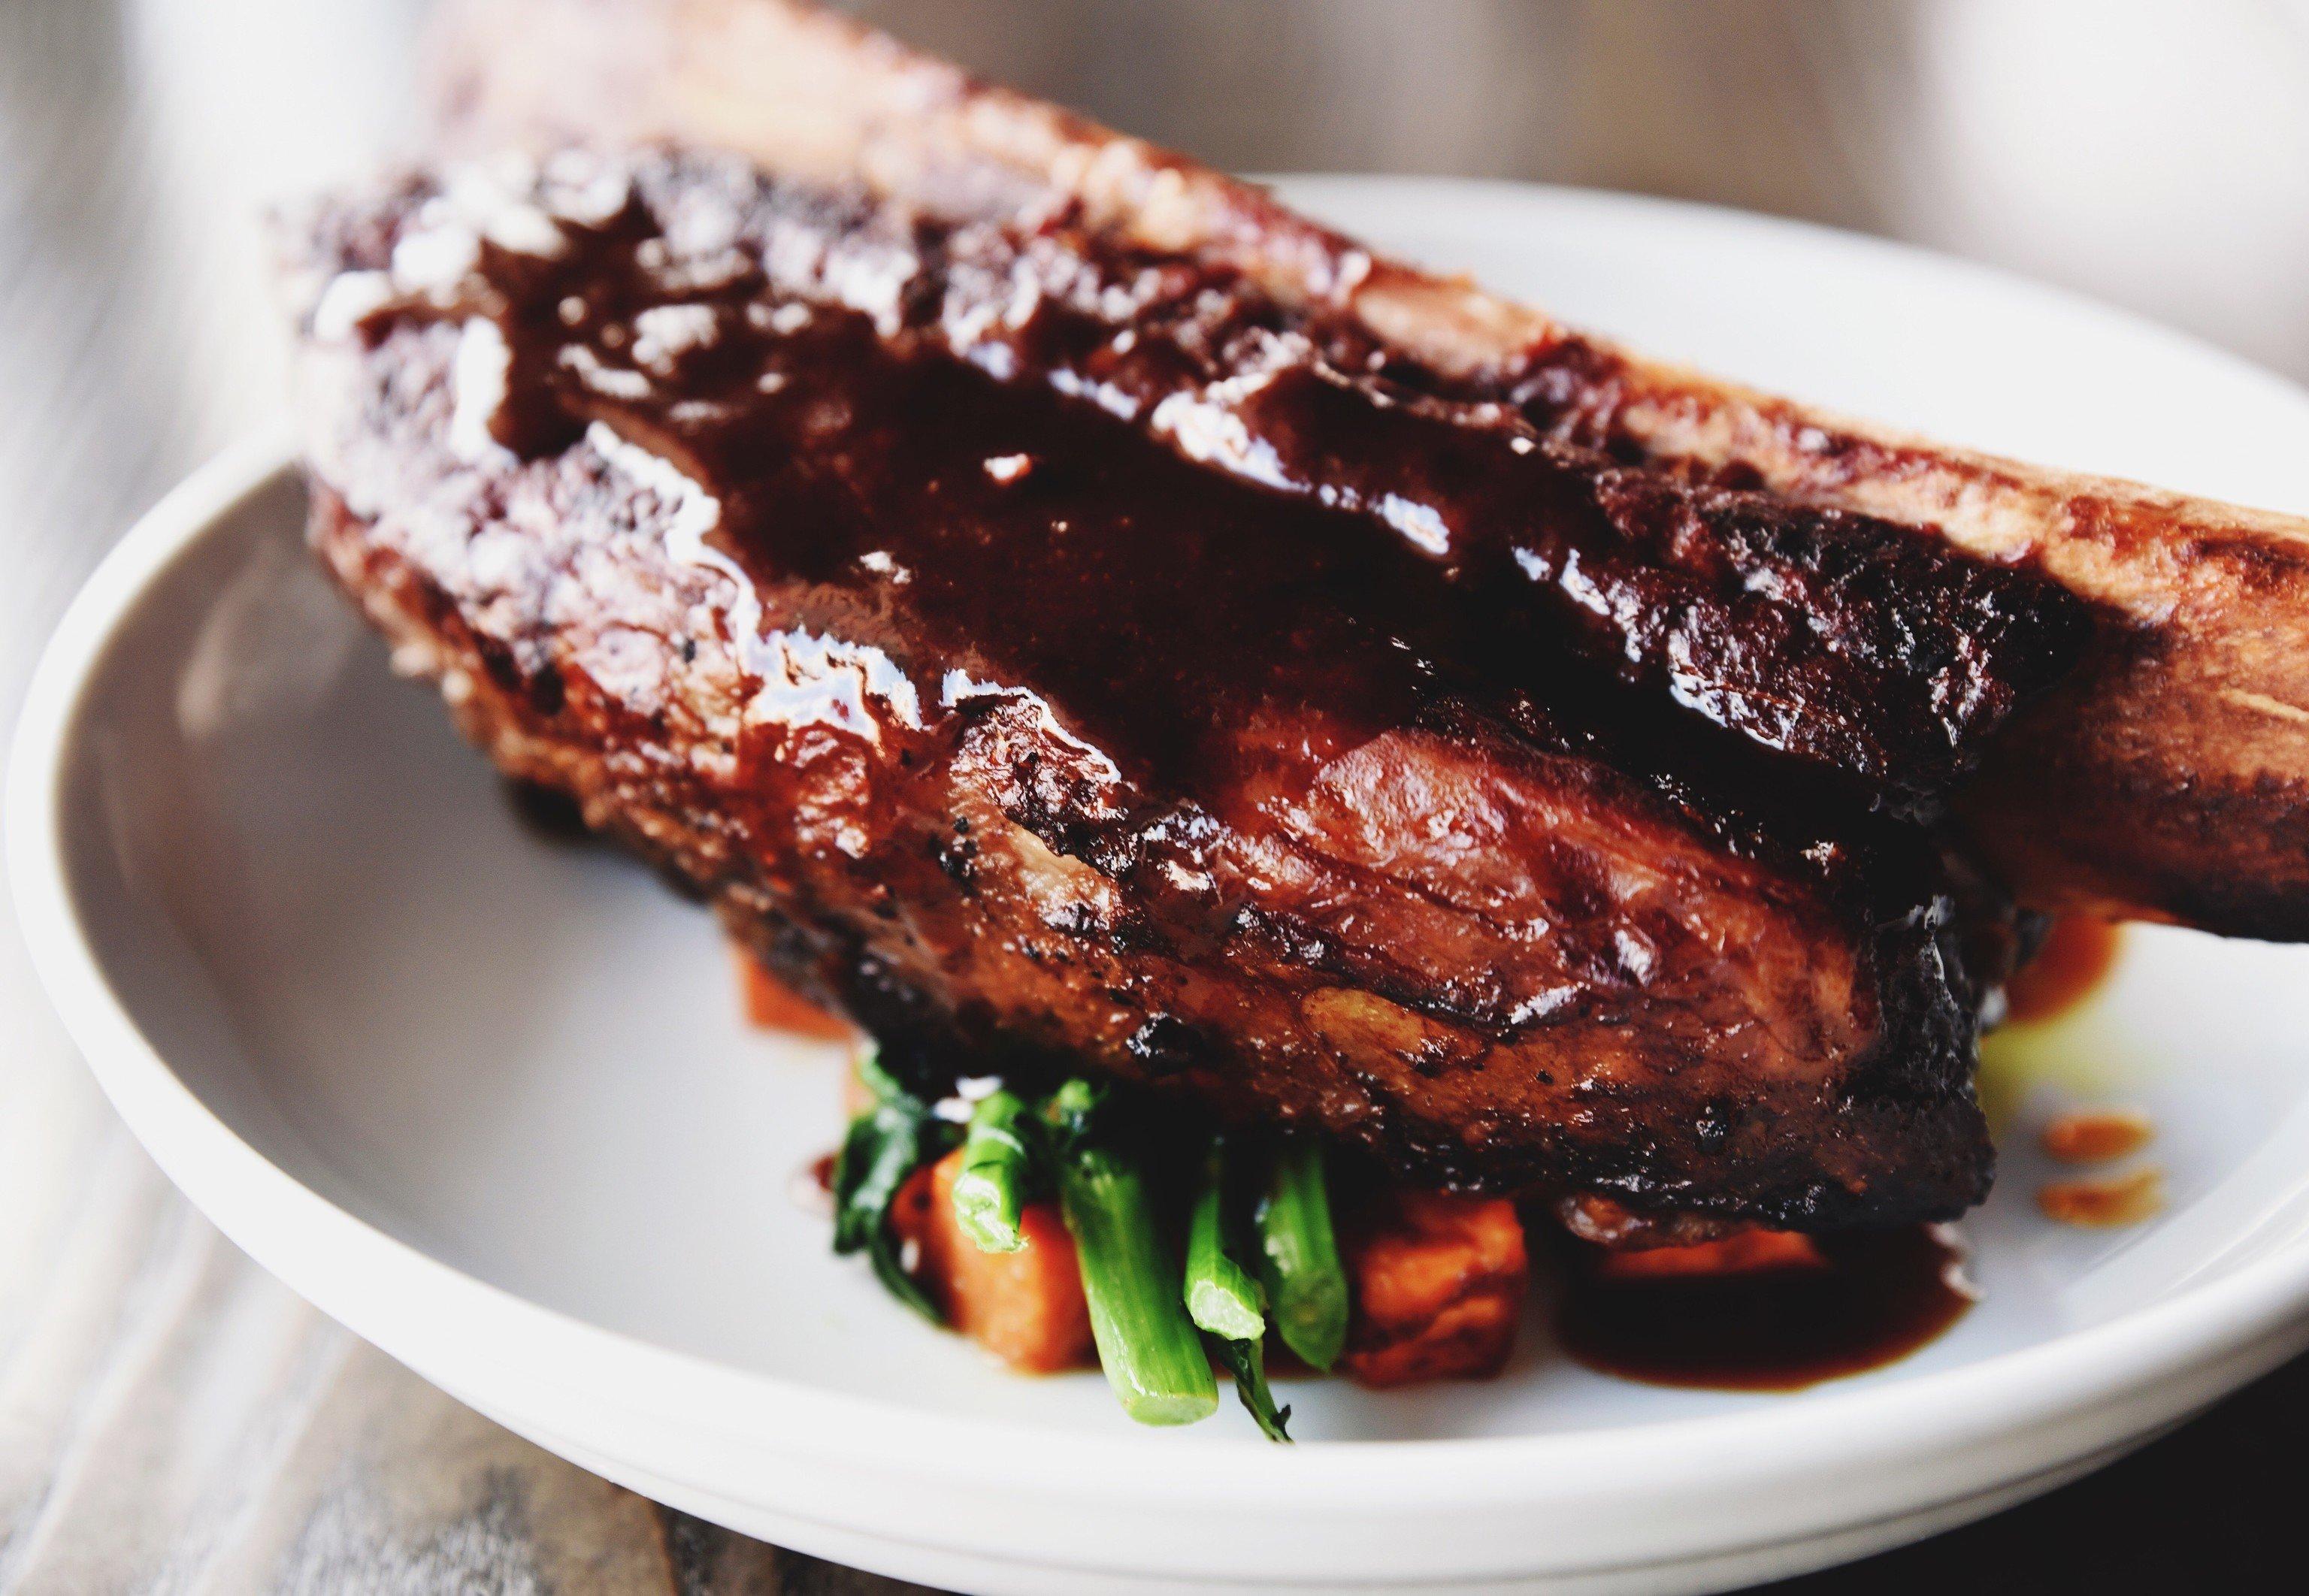 Trip Ideas plate food indoor dish meat white piece chocolate produce meal steak cuisine ribs close piece de resistance